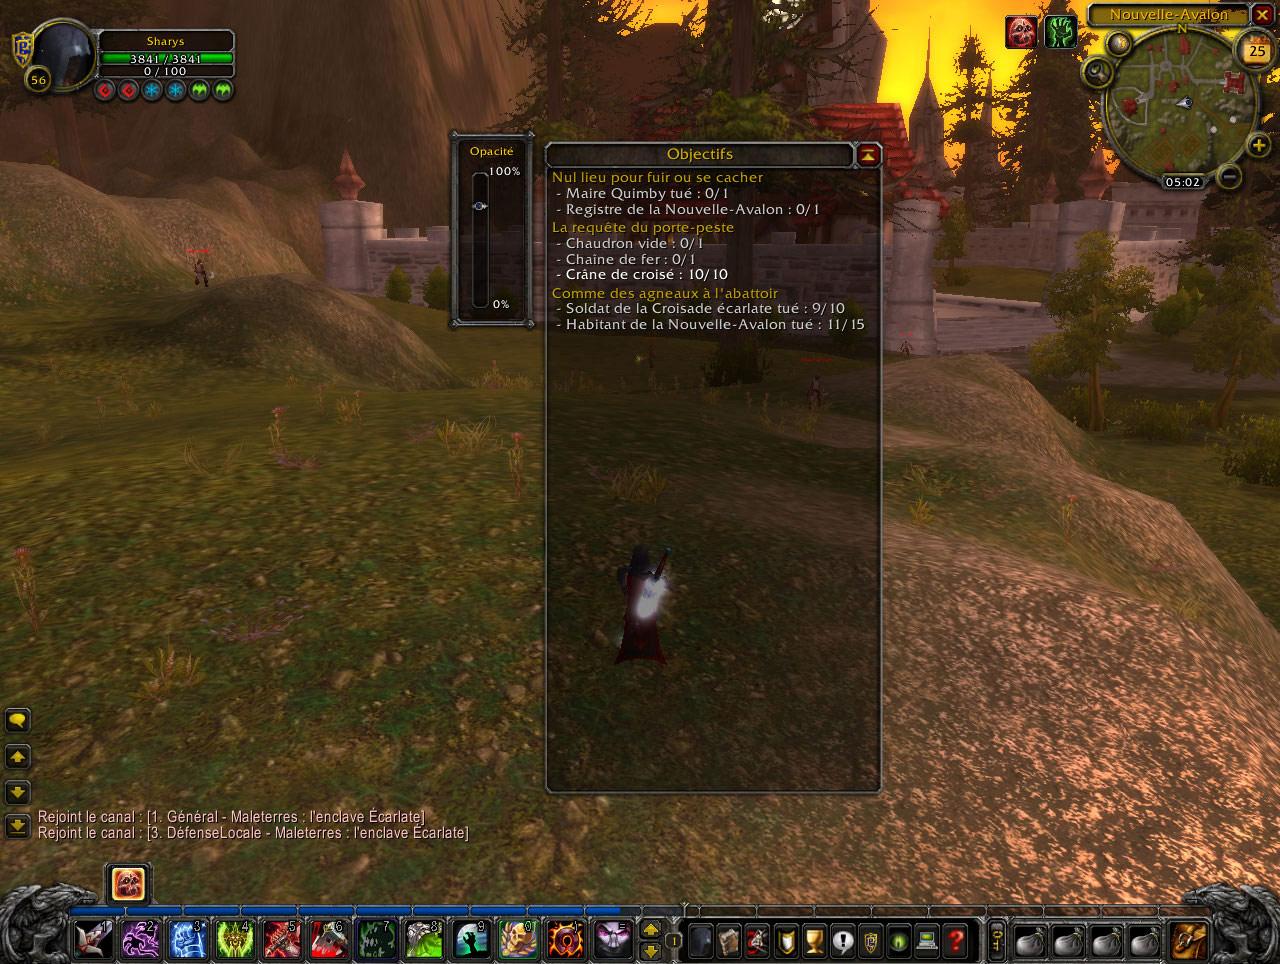 Screenshot du patch 3.1 sur les royaumes de test : Assistance pour les quêtes.